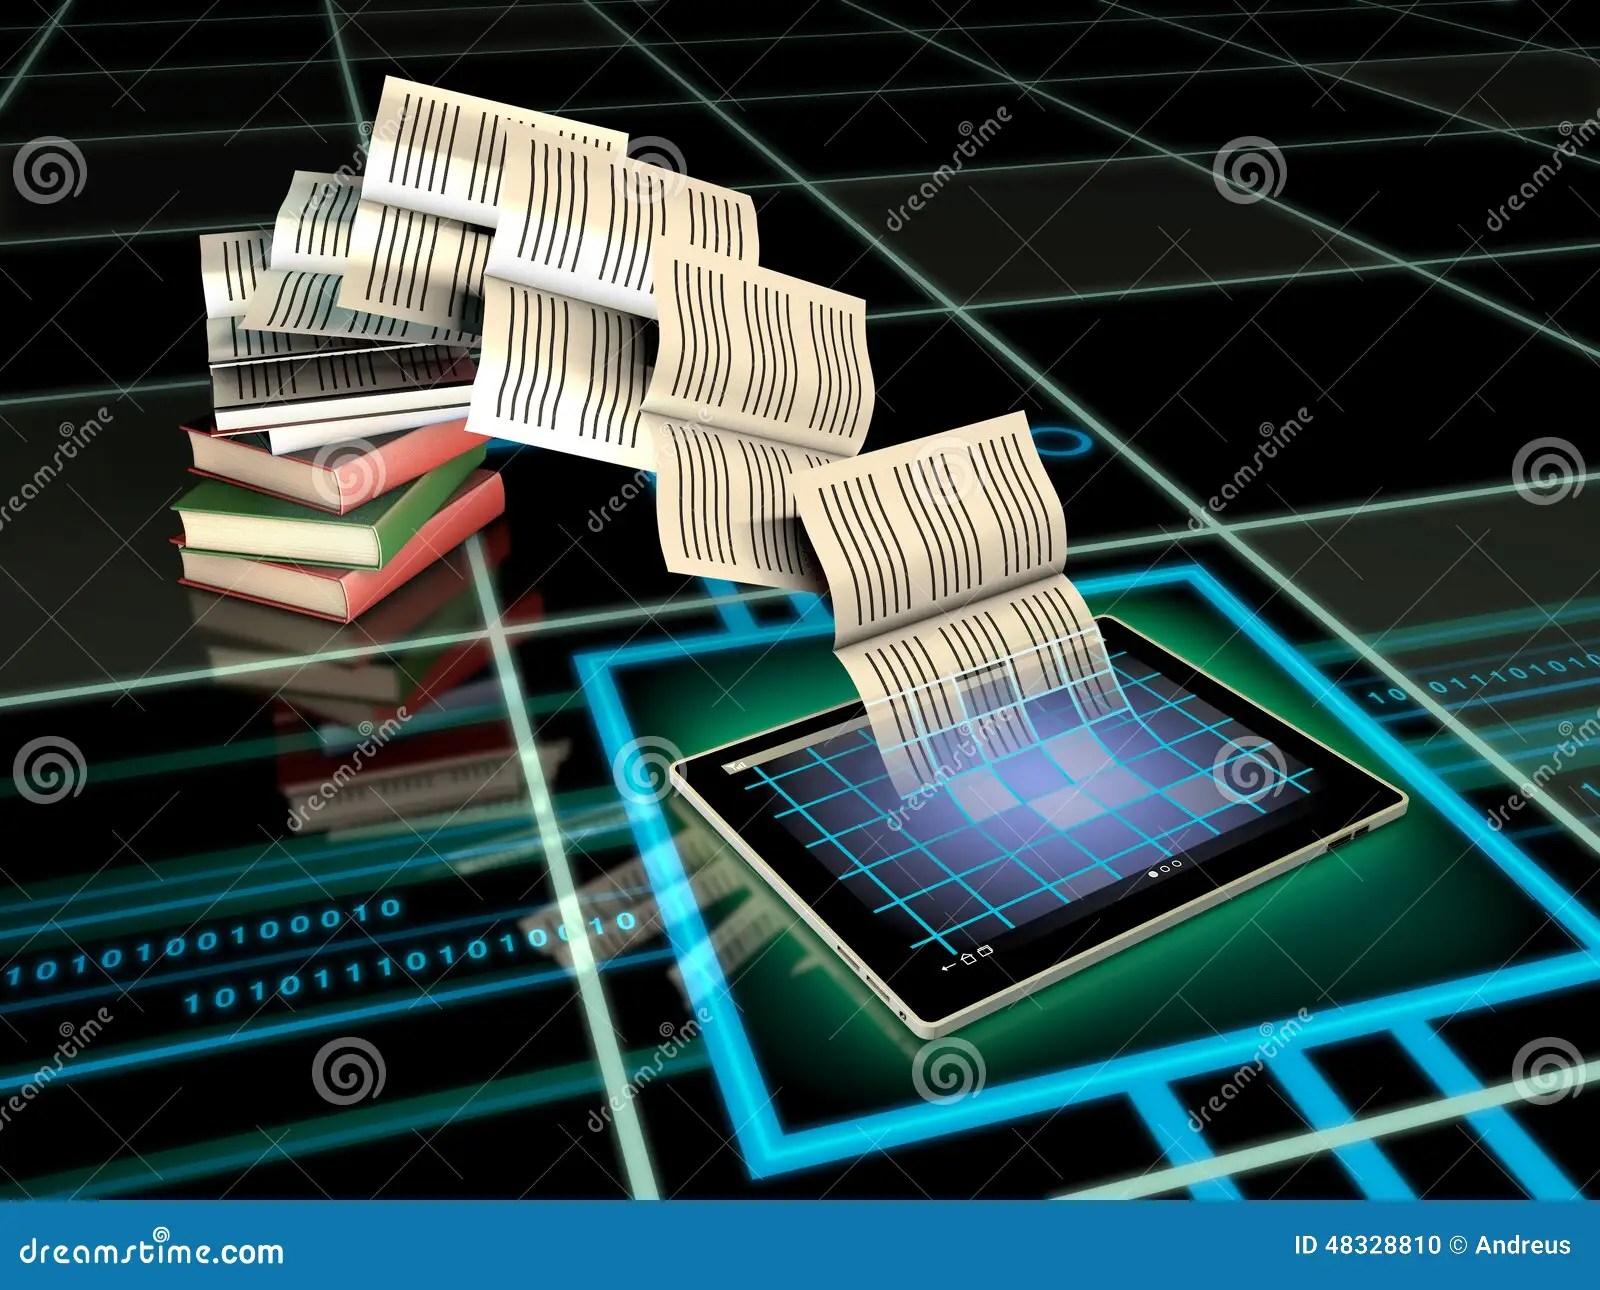 Digital Publishing Stock Illustration Image 48328810